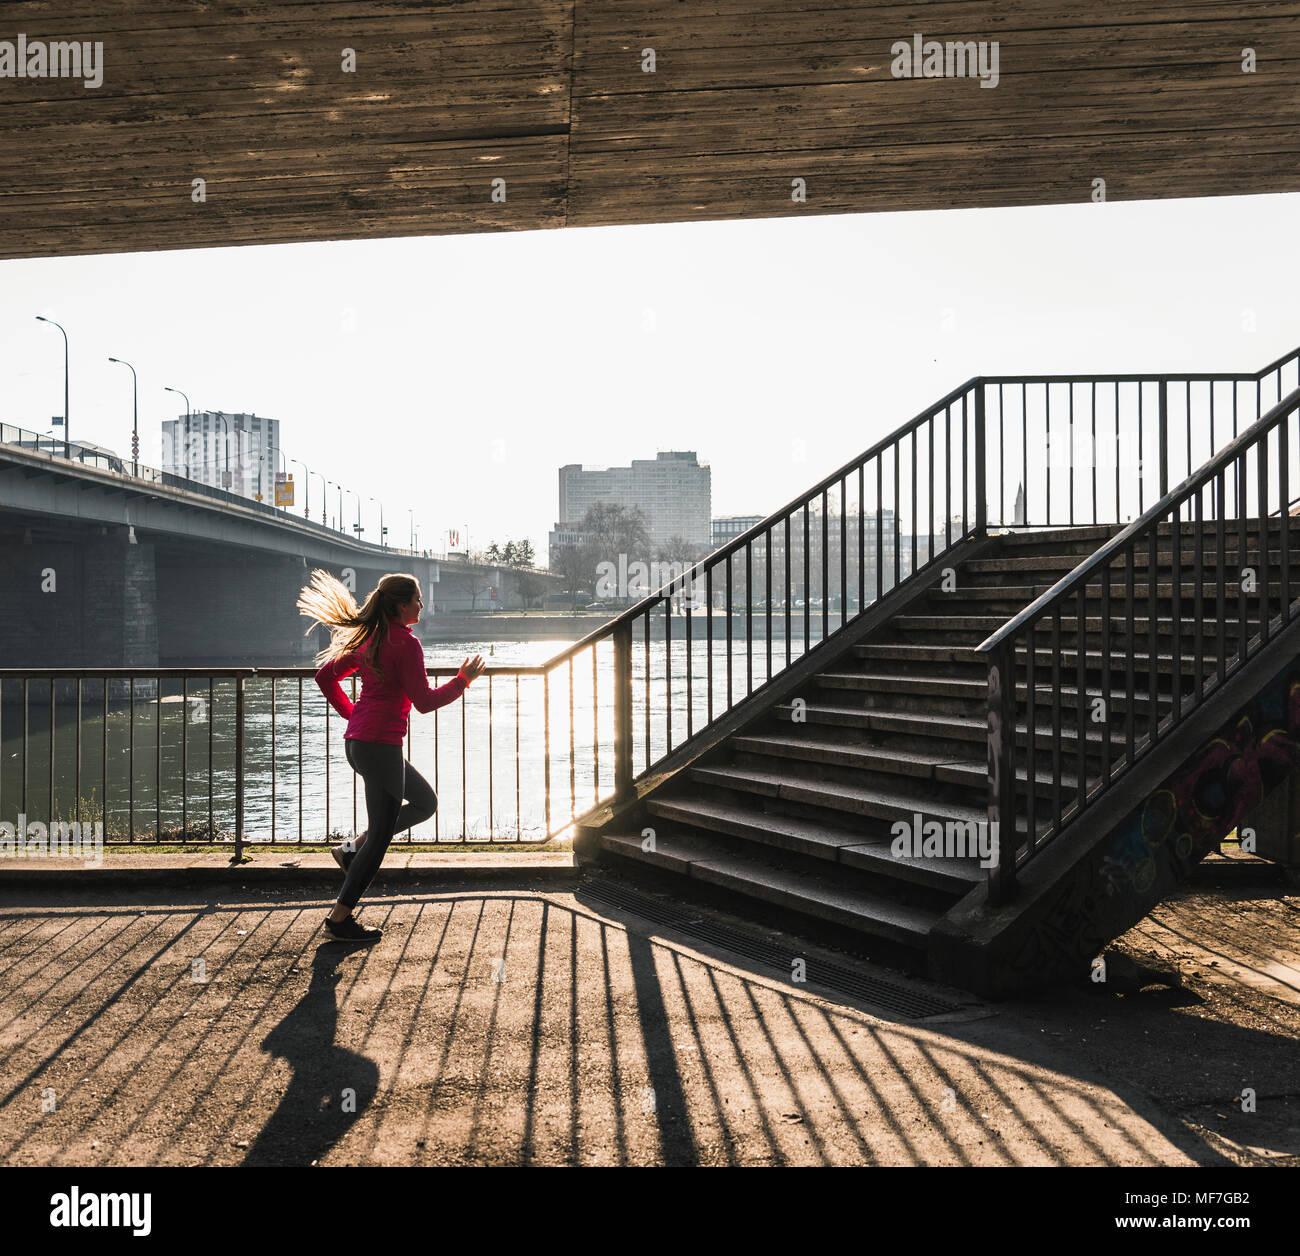 Giovane donna che corre verso le scale in corrispondenza di un fiume Immagini Stock